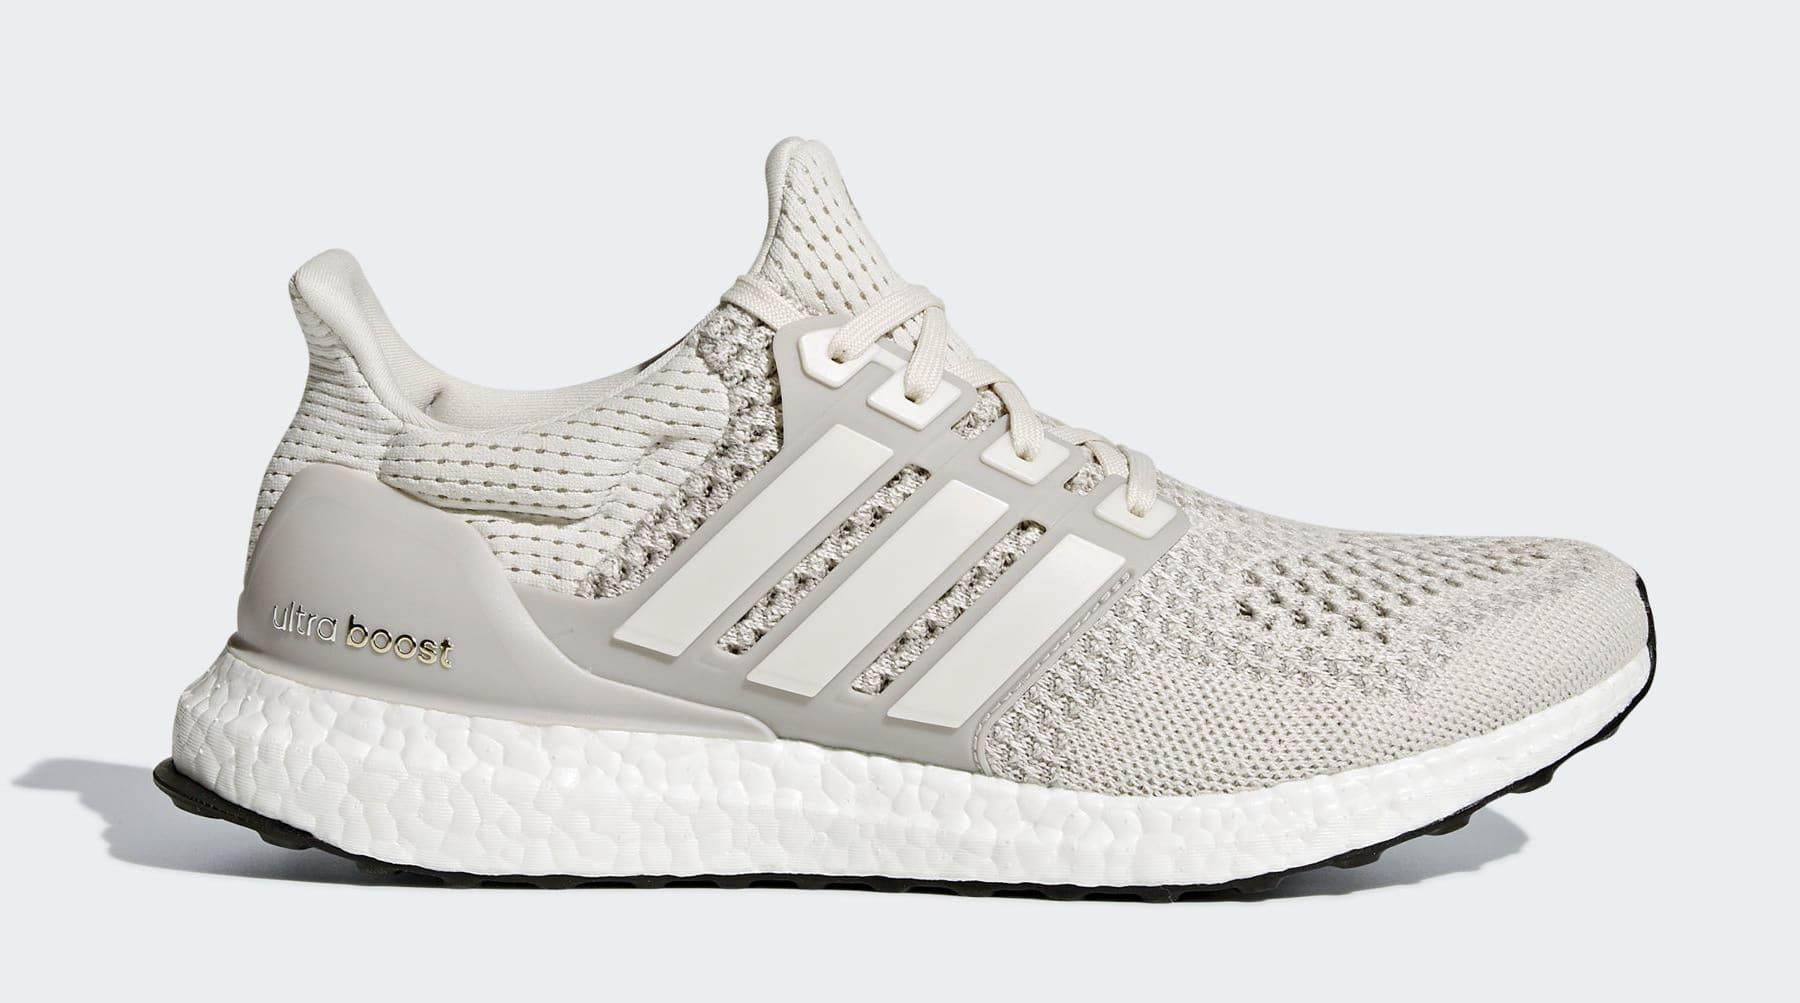 ede67918e1496 sweden adidas ultra boost restock white 82f36 a3993